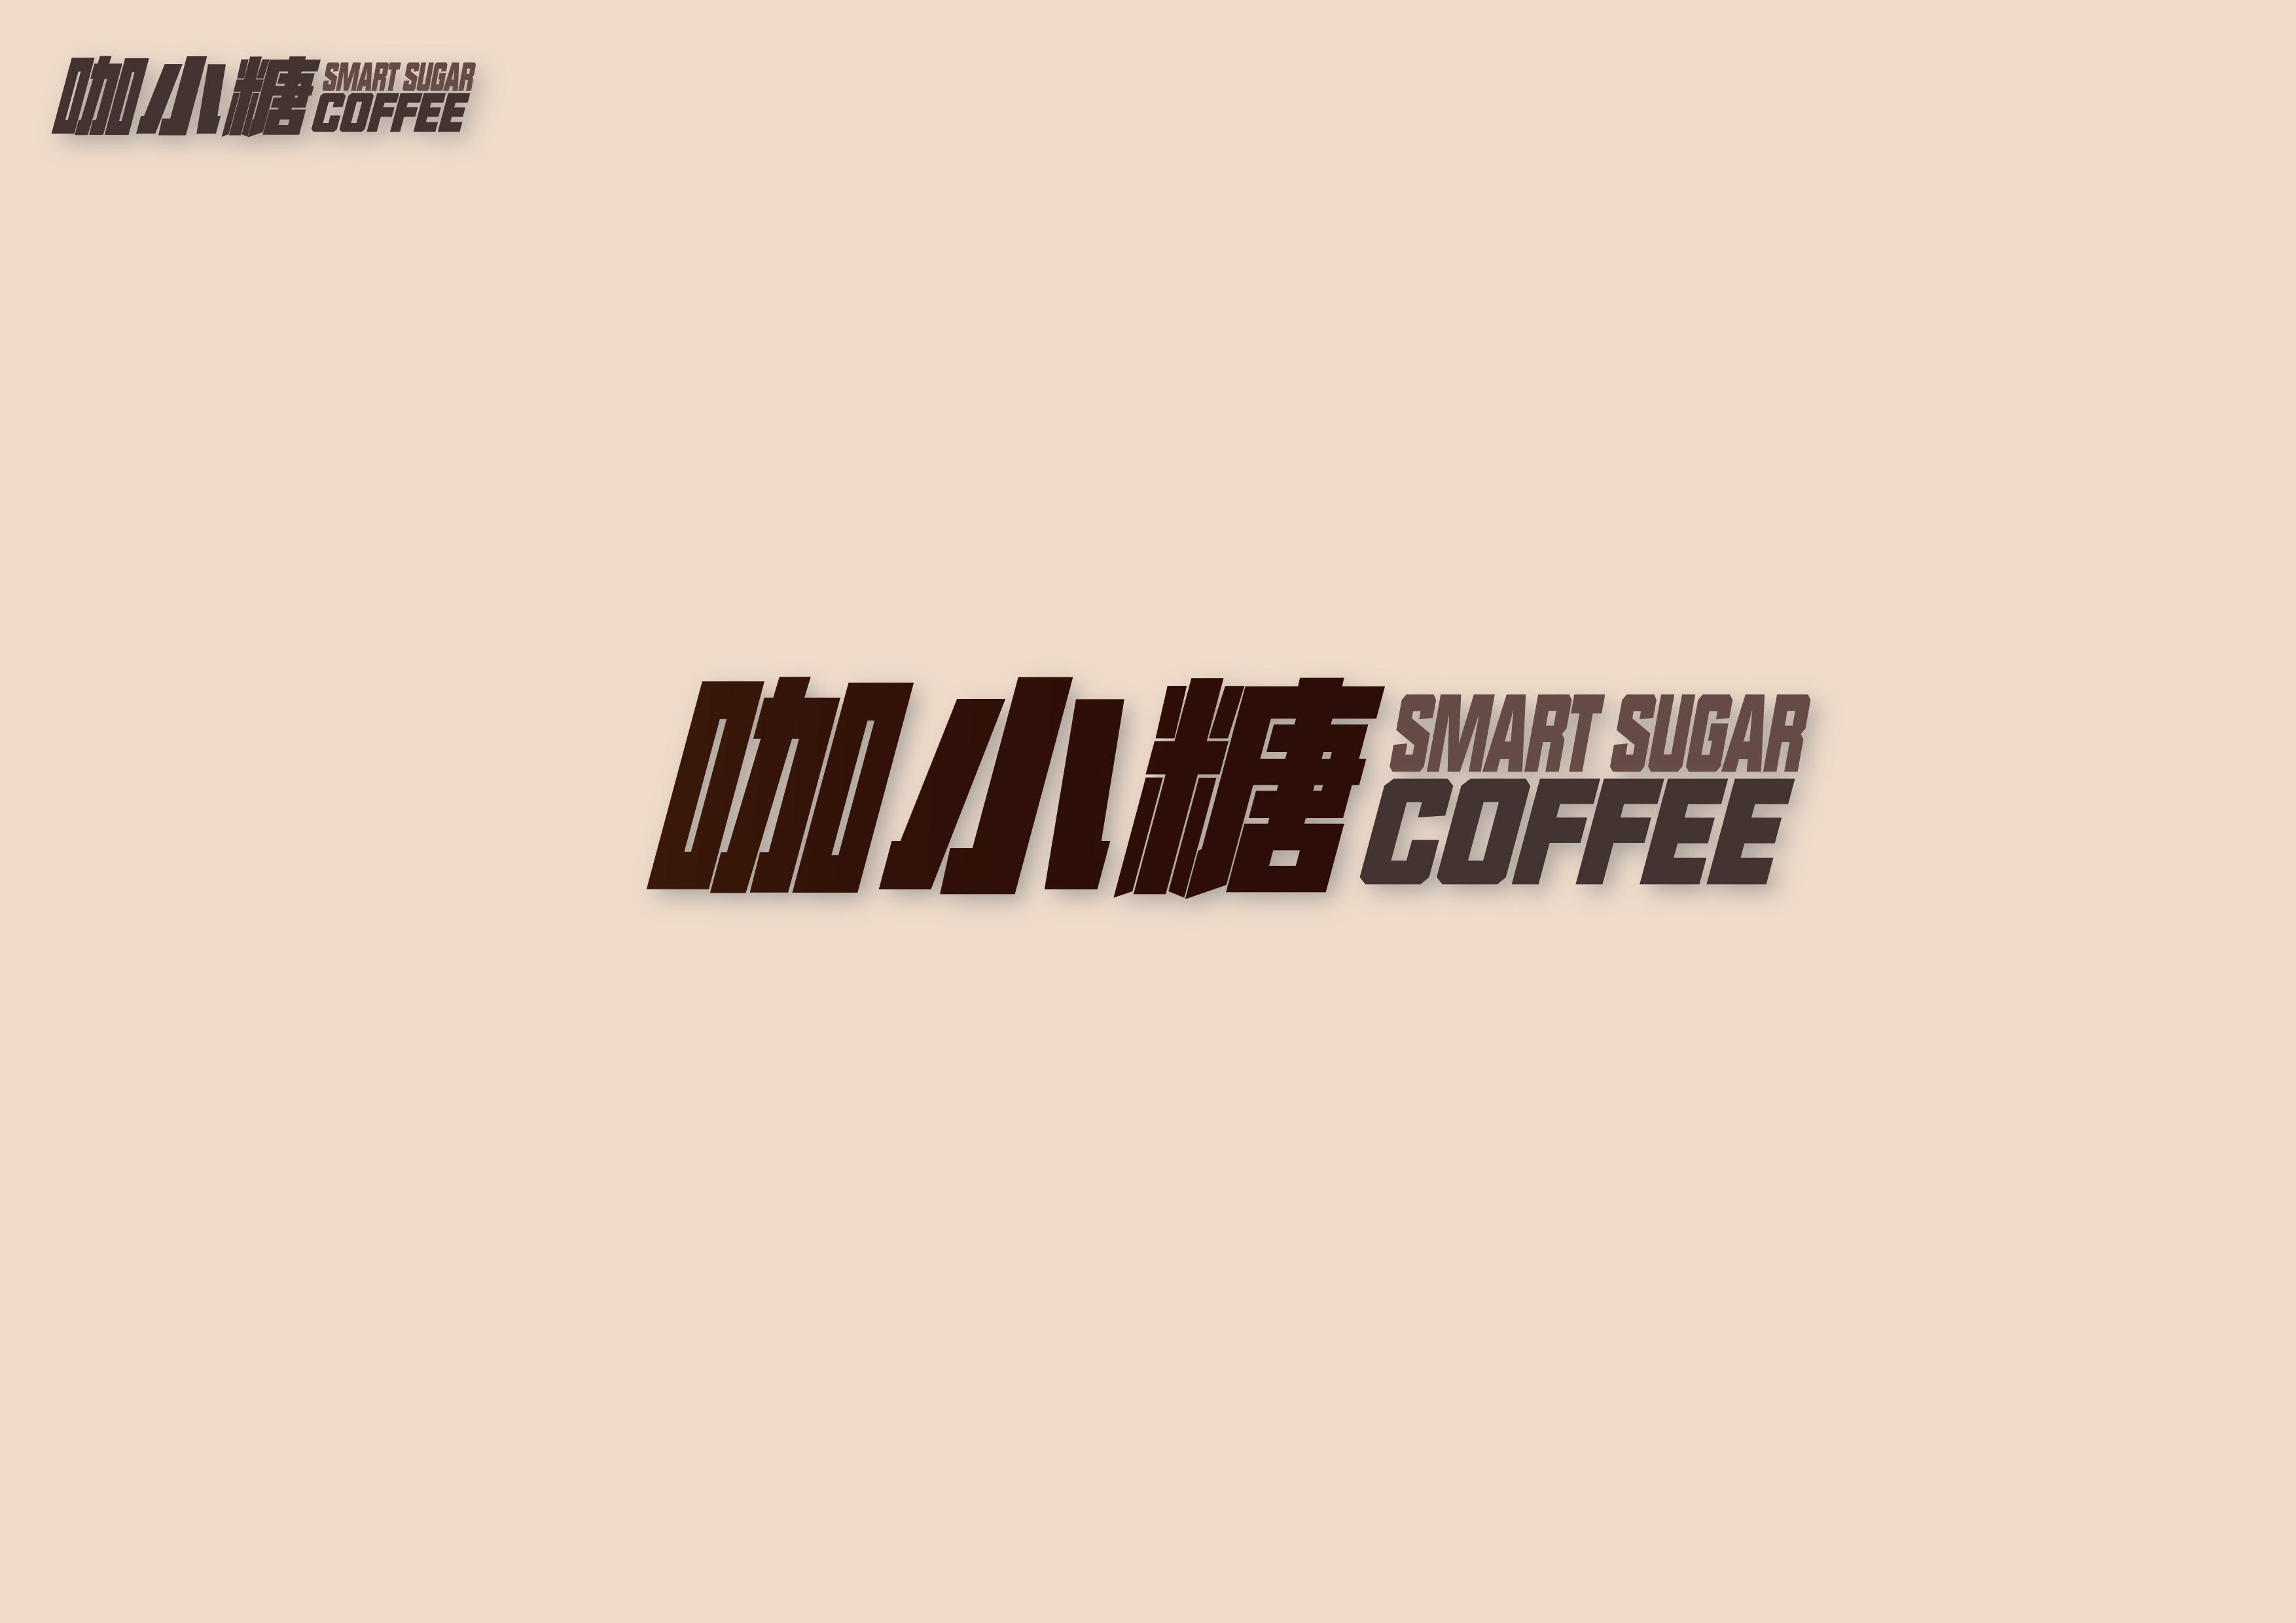 咖啡店设计 文字